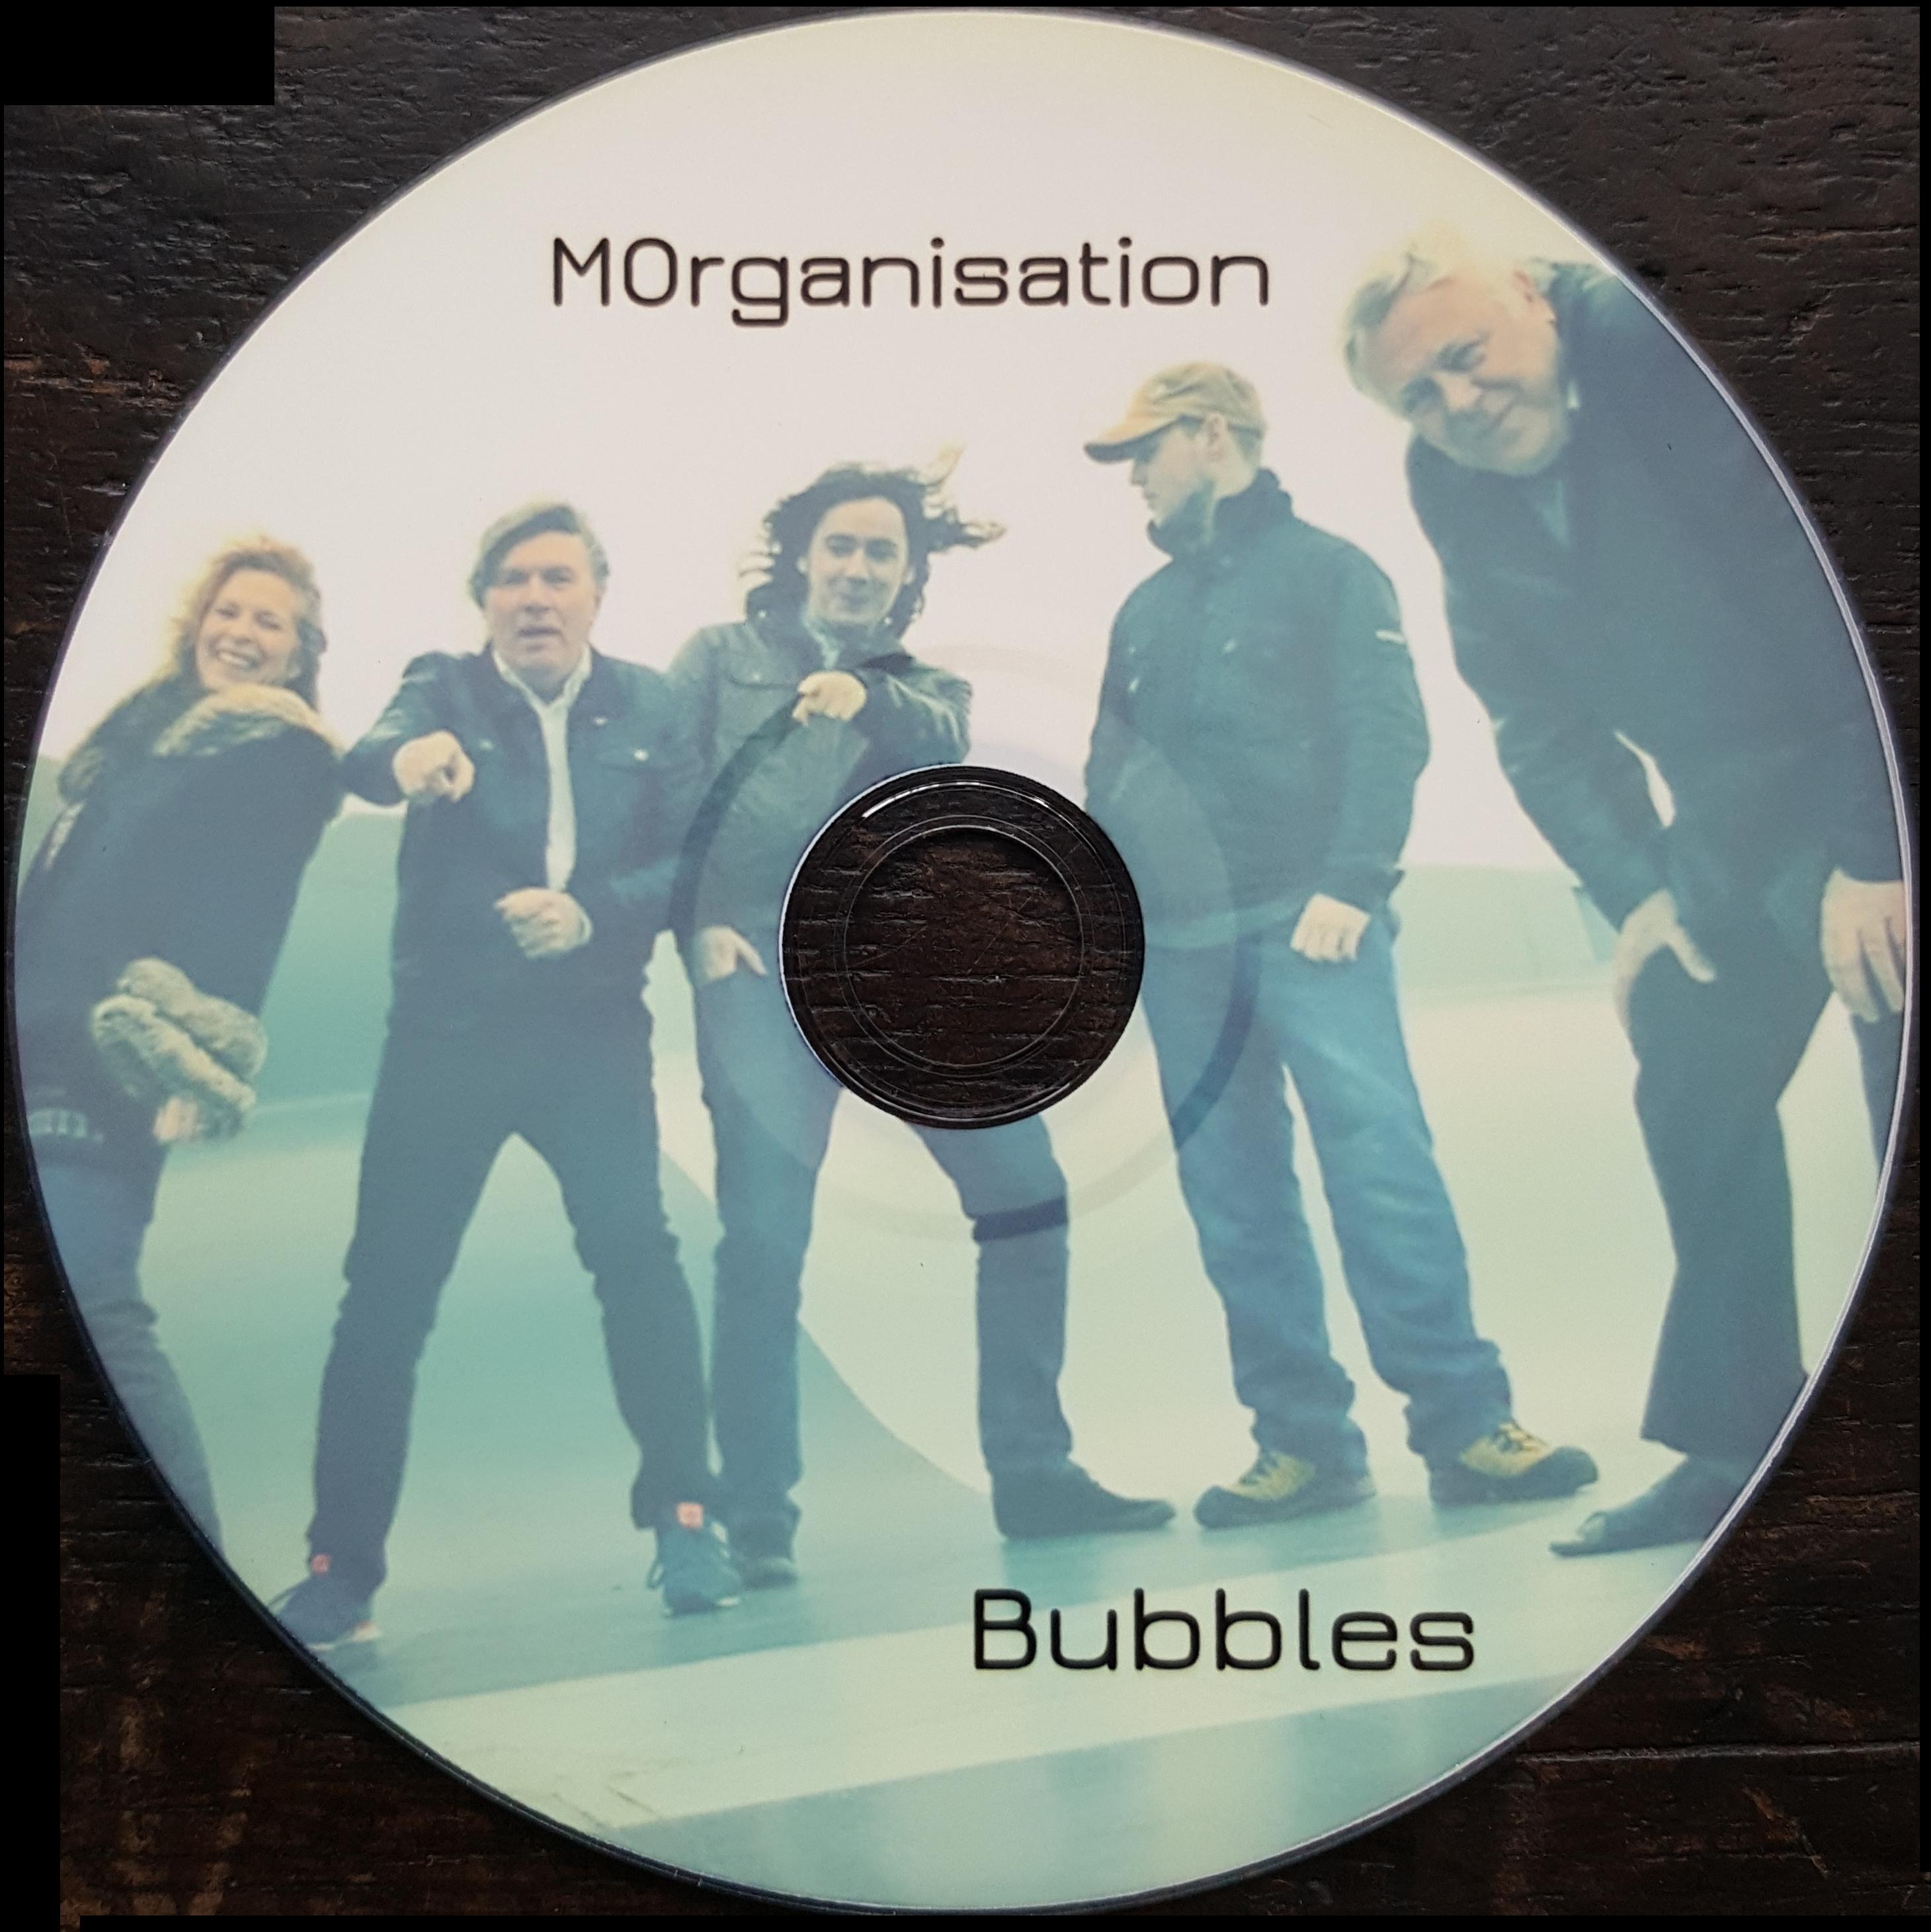 Bubbles album (Limited Copies) - Dave Scott-Morgan